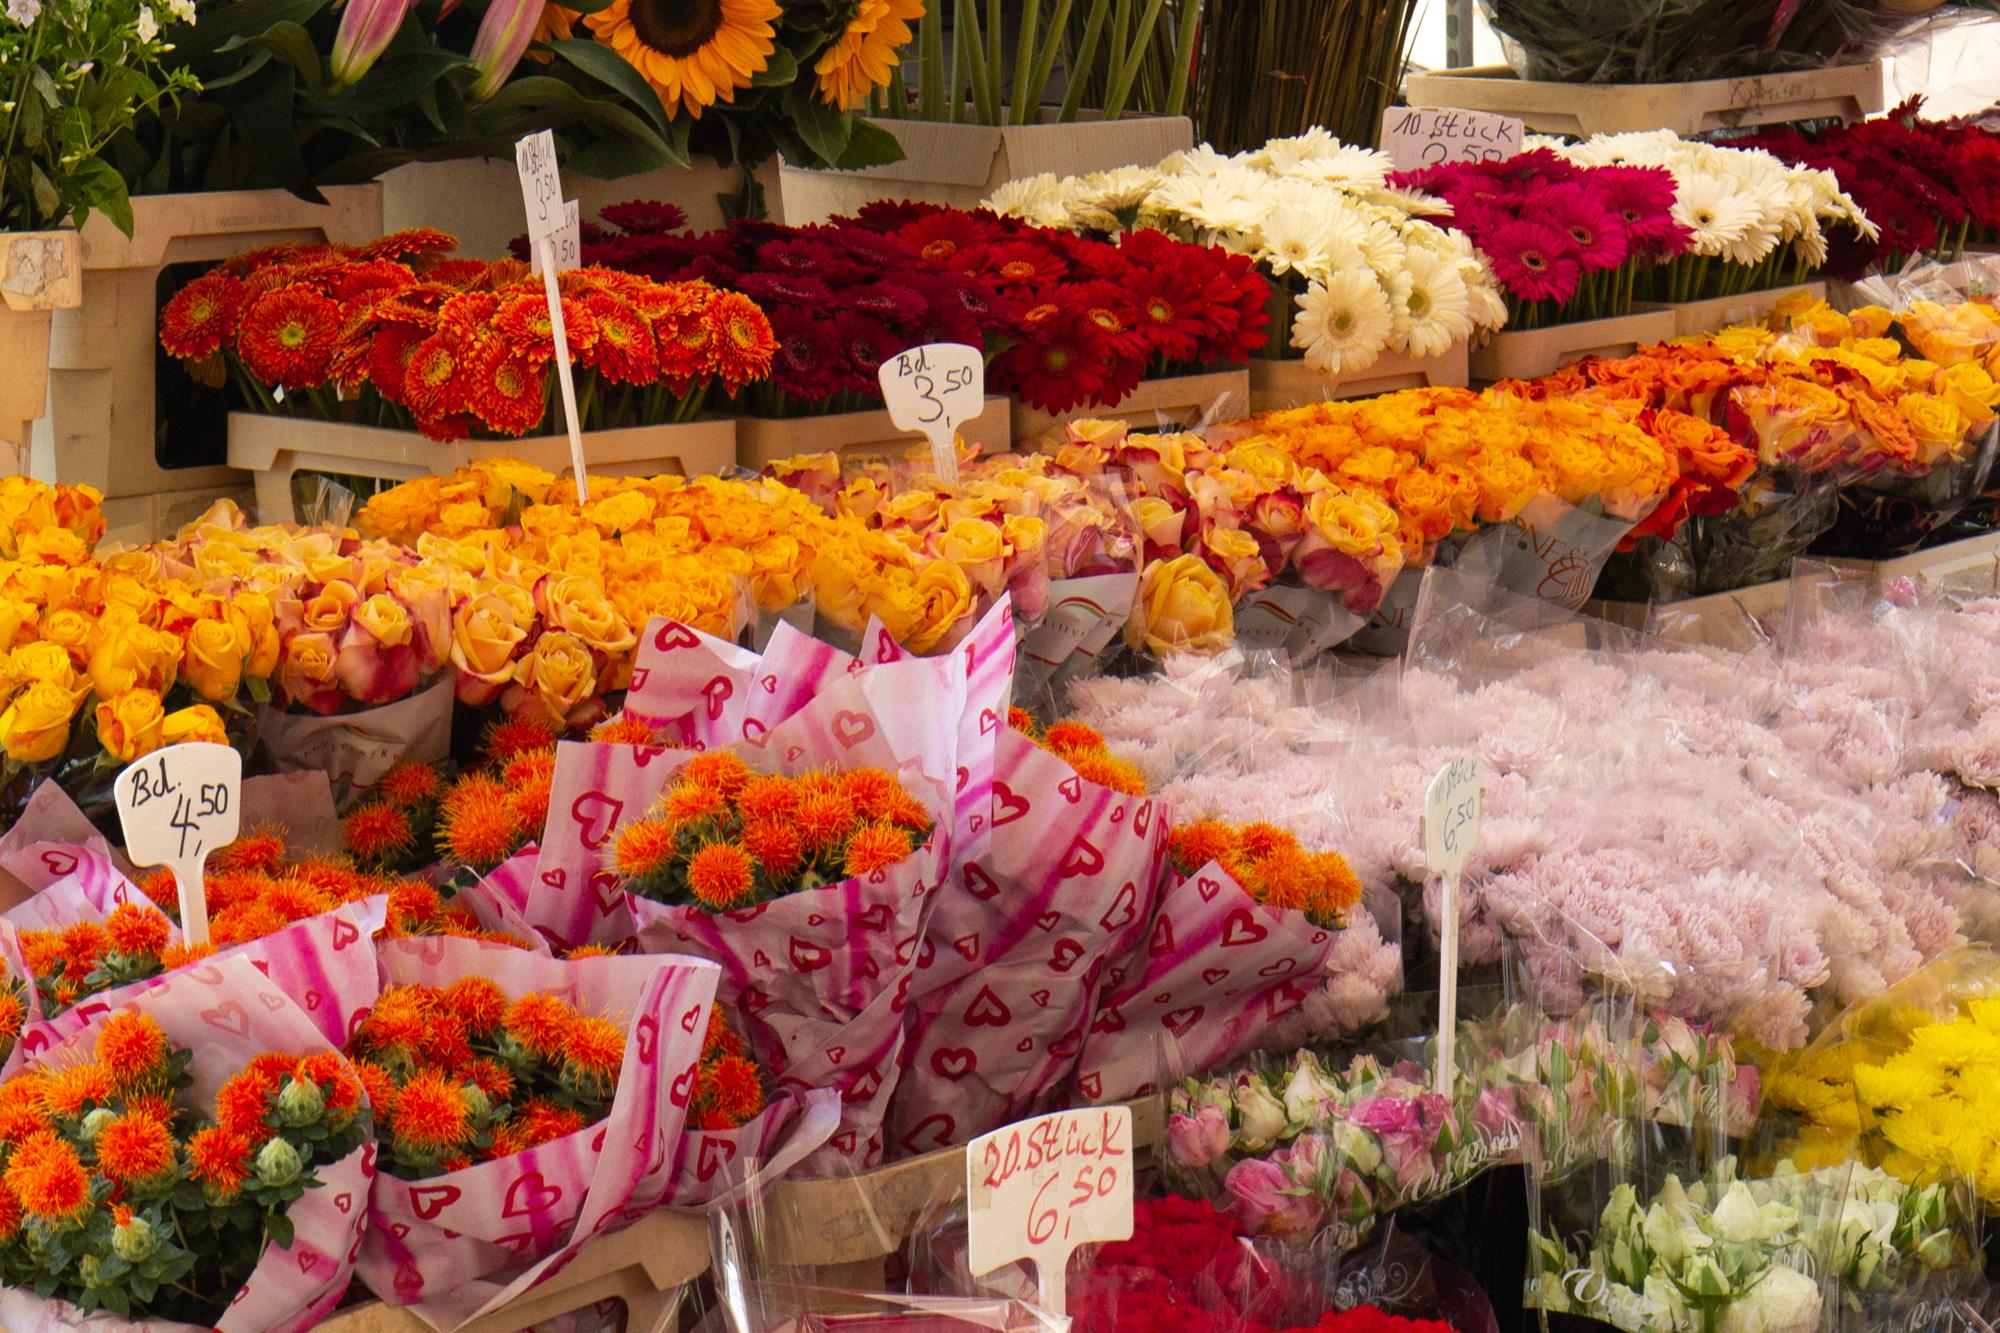 Blumen auf dem sehr bunten türkischen Markt am Maybachufer in Berlin Neukölln